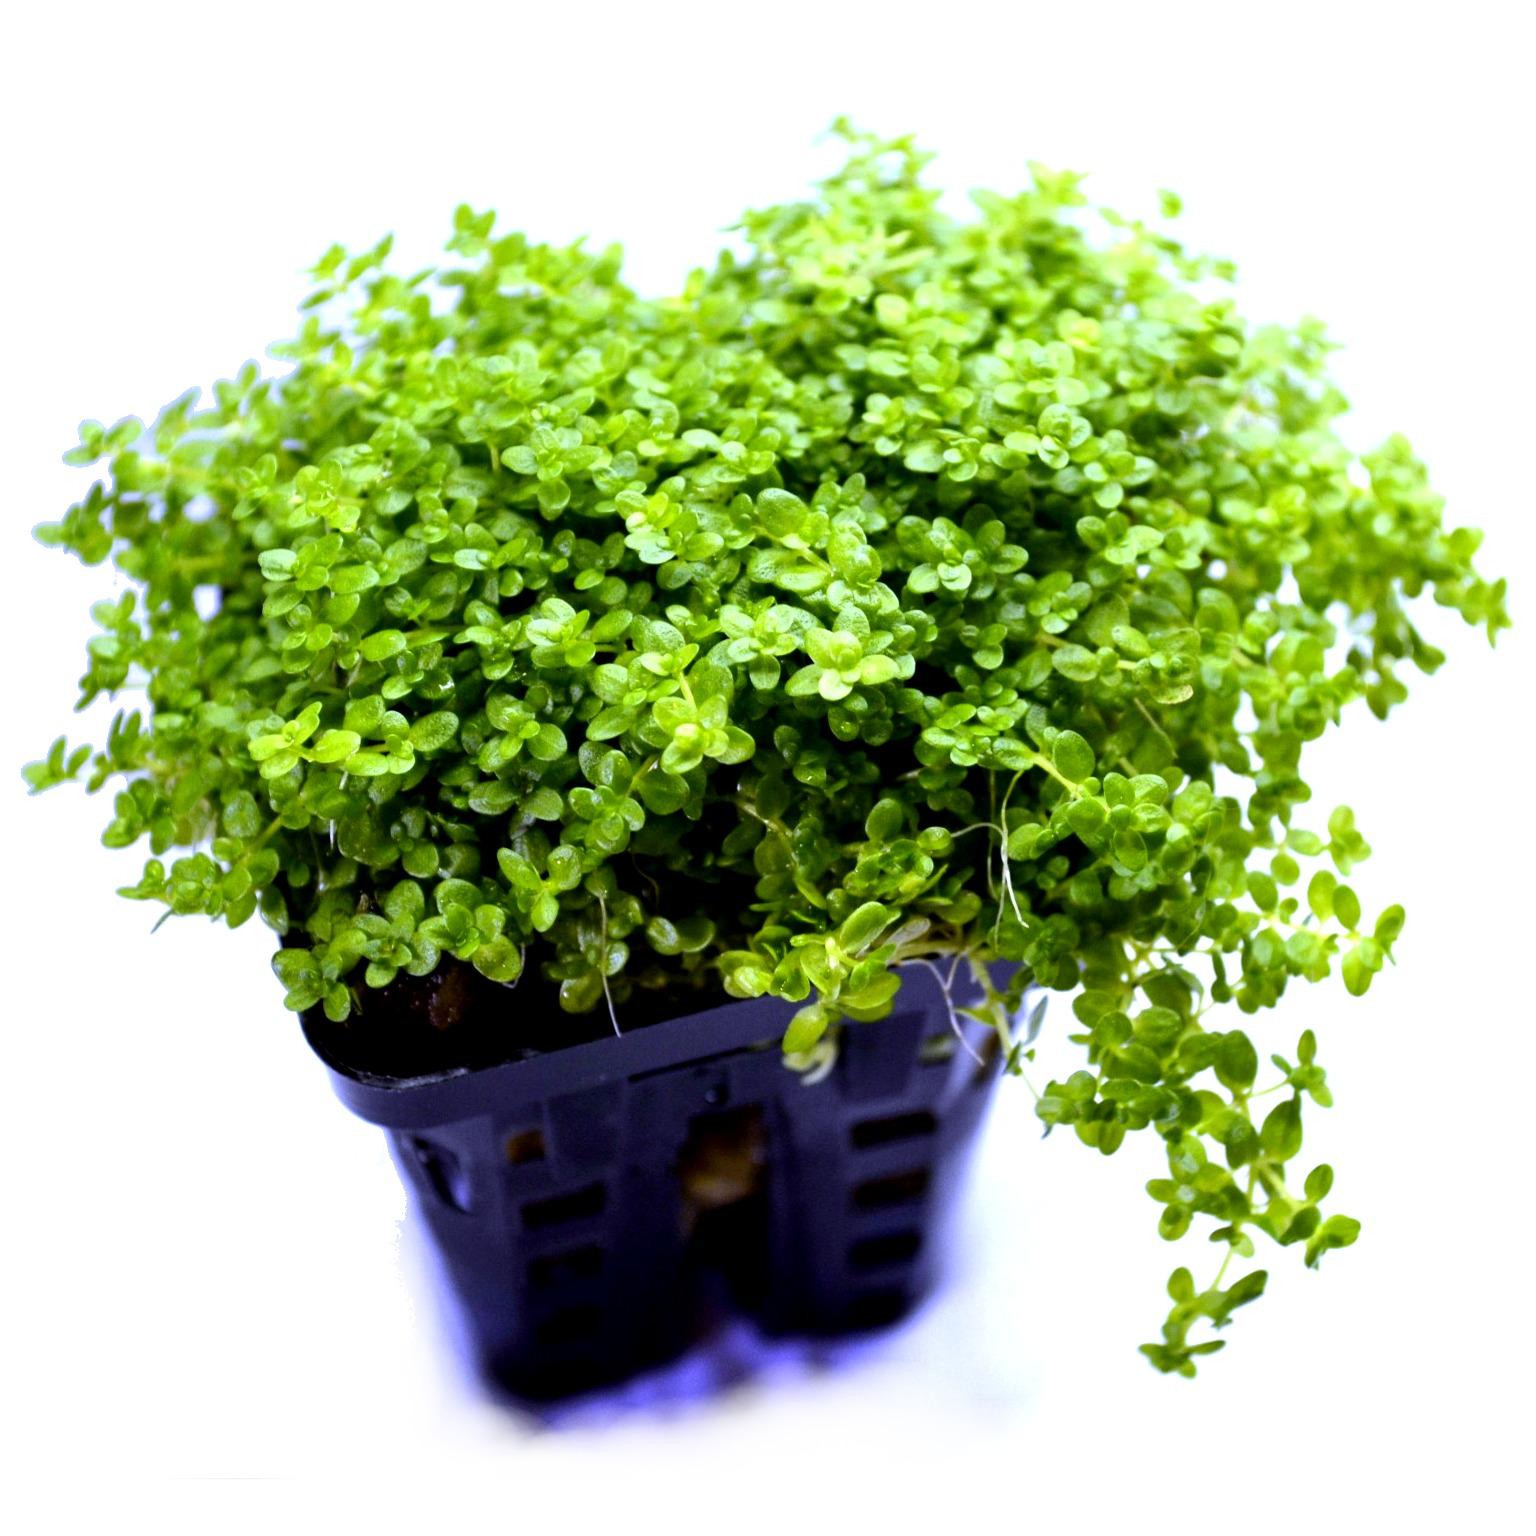 Hemianthus-callitrichoides-akouashop-plante-aquarium